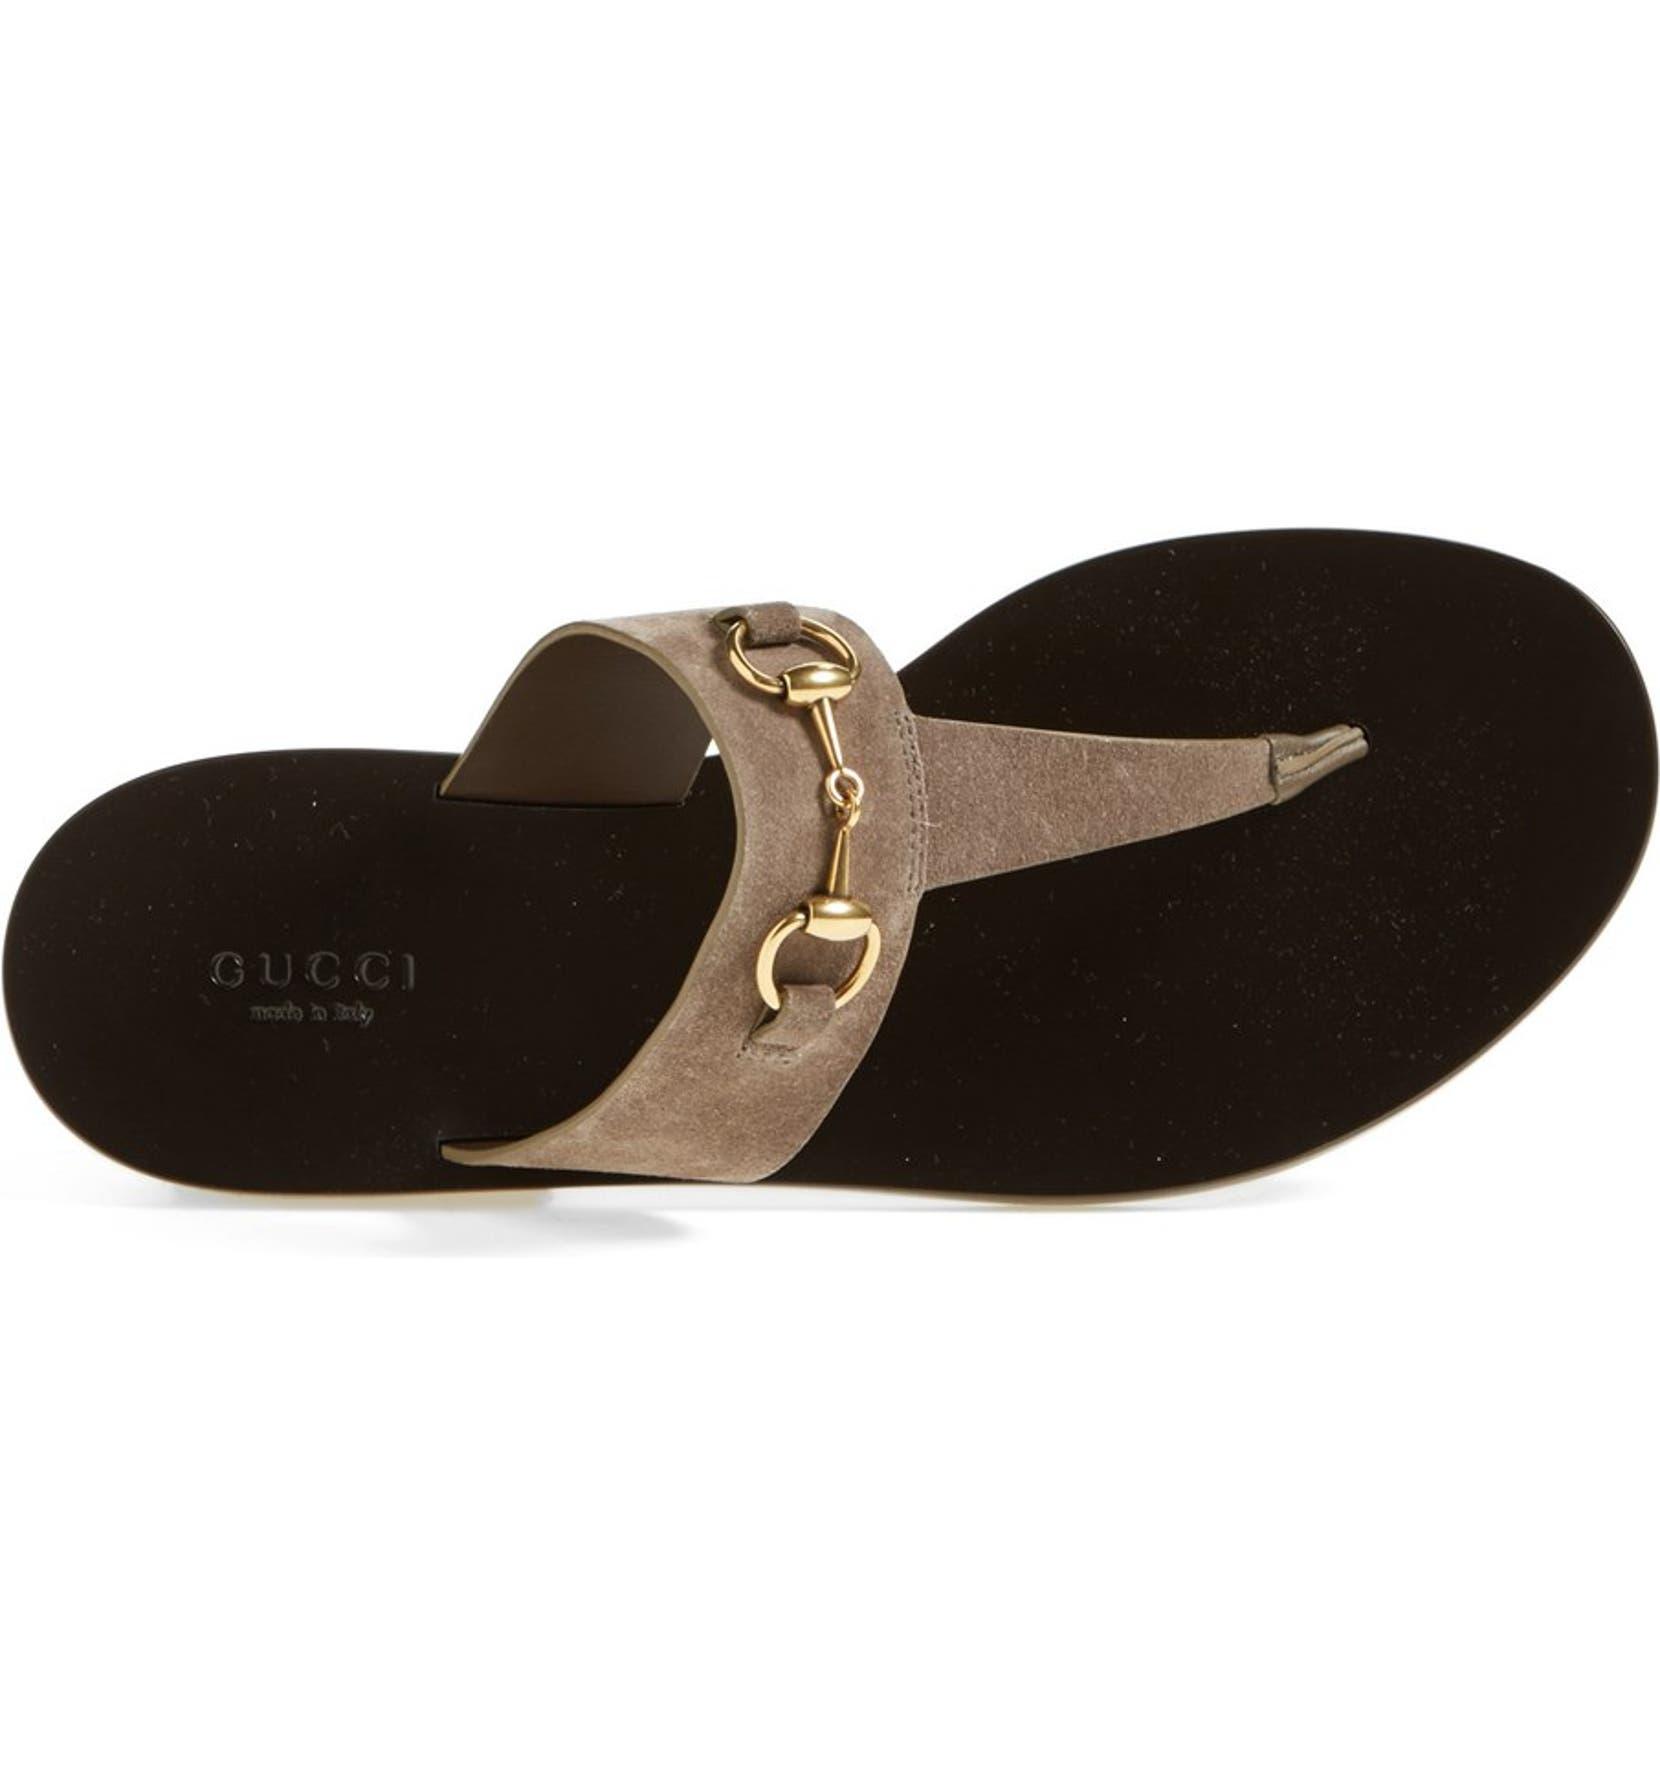 bfa6620bb03cce Gucci  Marcy  Bit Thong Sandal